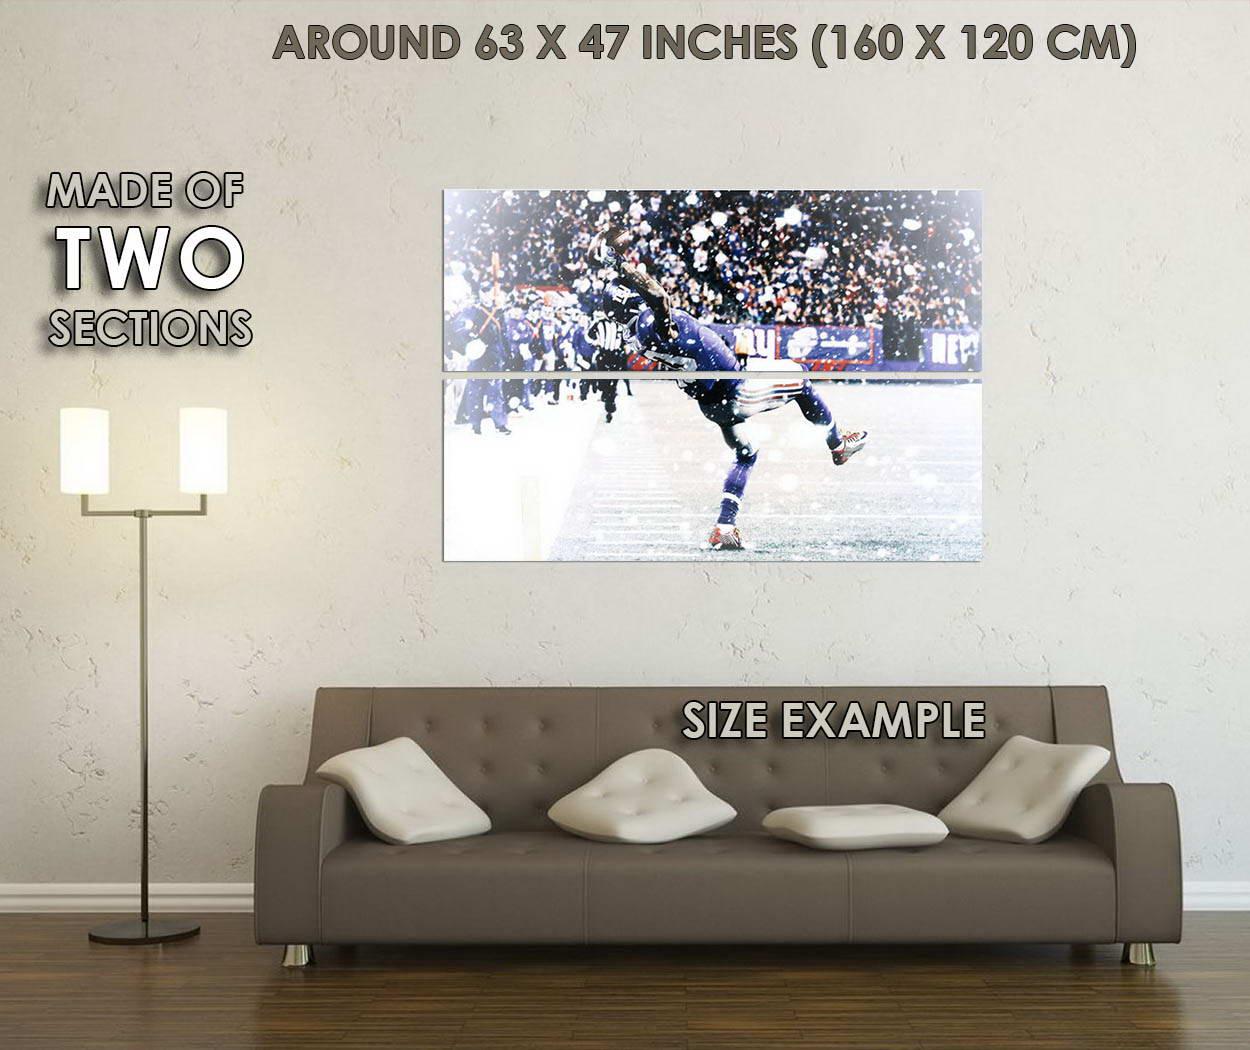 11874-Odell-Beckham-Jr-One-Hand-Catch-Football-Sports-Wall-Print-POSTER-DE Indexbild 6